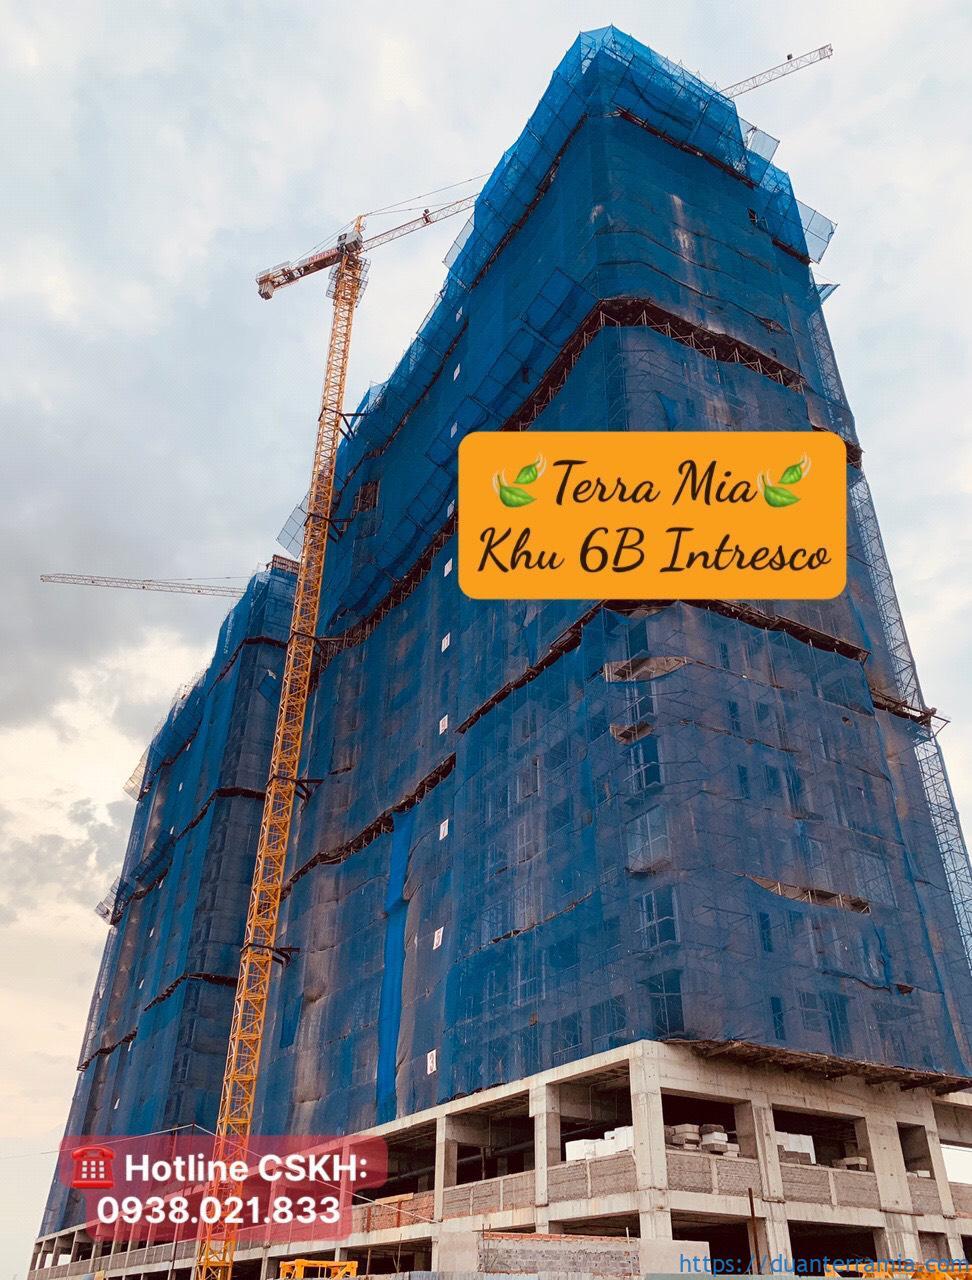 Cập nhật tiến độ xây dựng căn hộ Terra Mia T12.2020